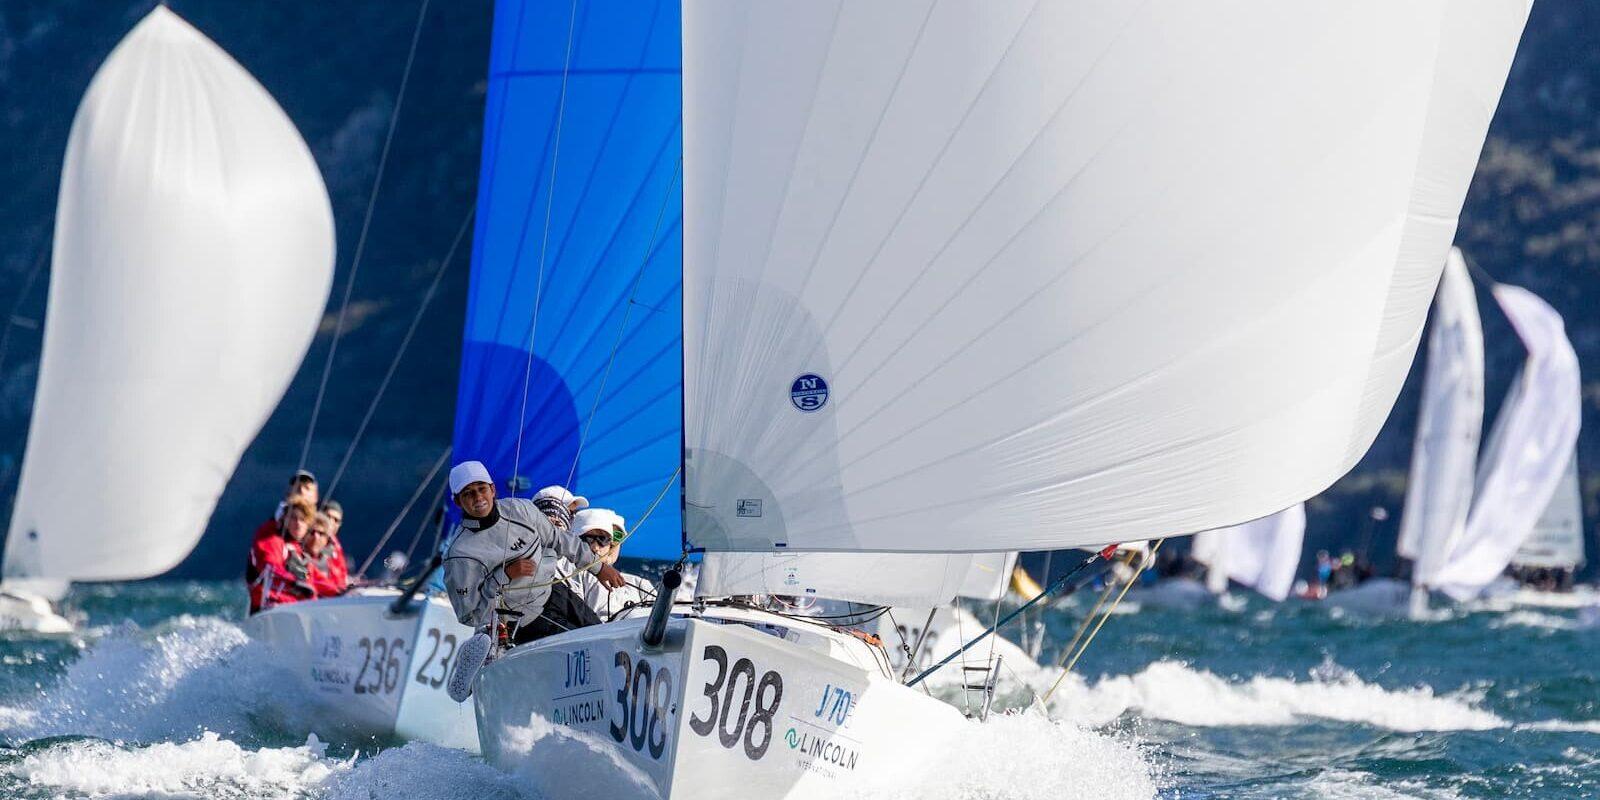 J/70 di poppa durante una regata alla Fraglia Vela Malcesine